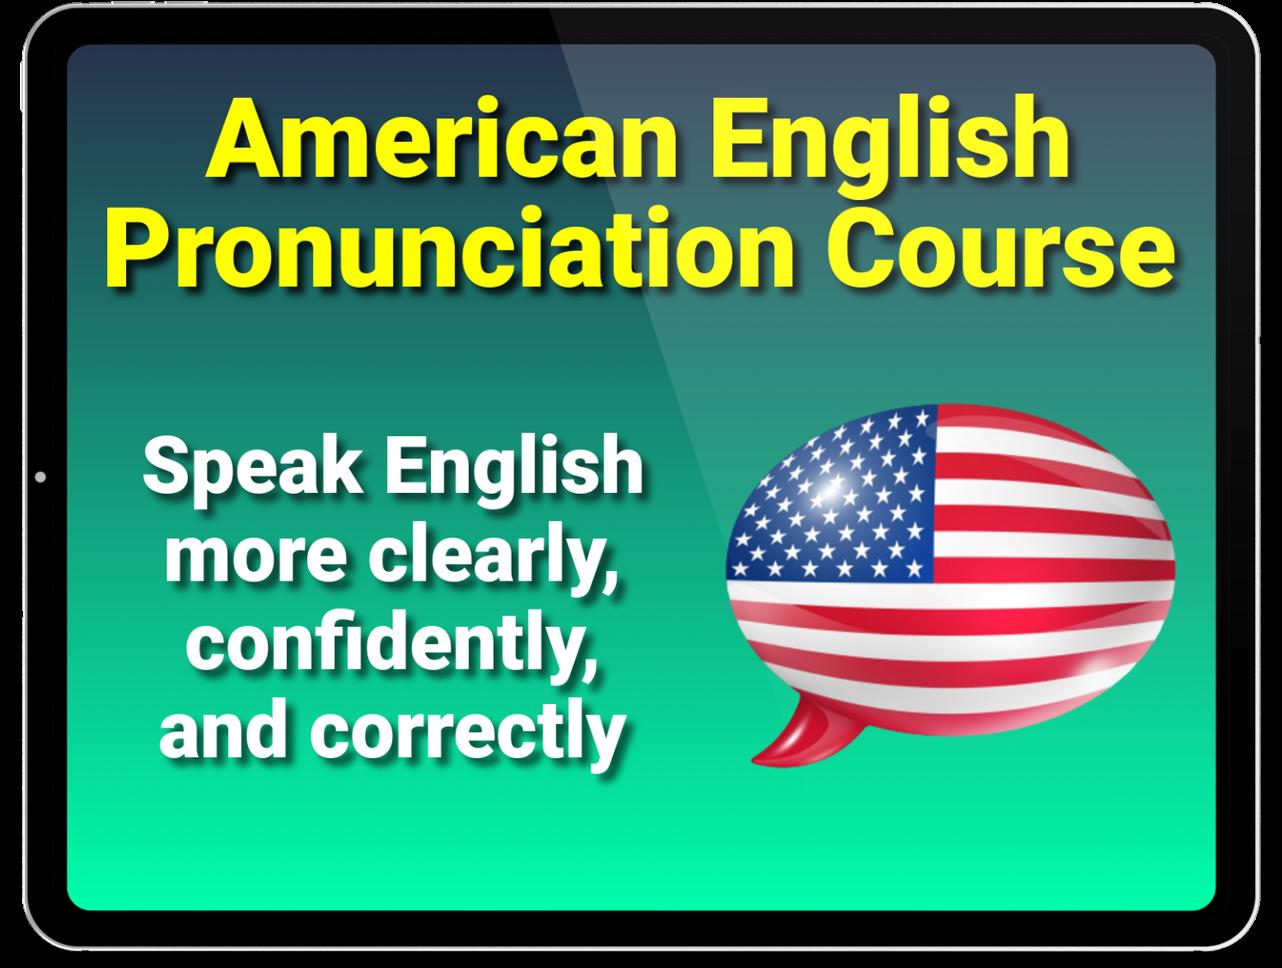 American English Pronunciation Course